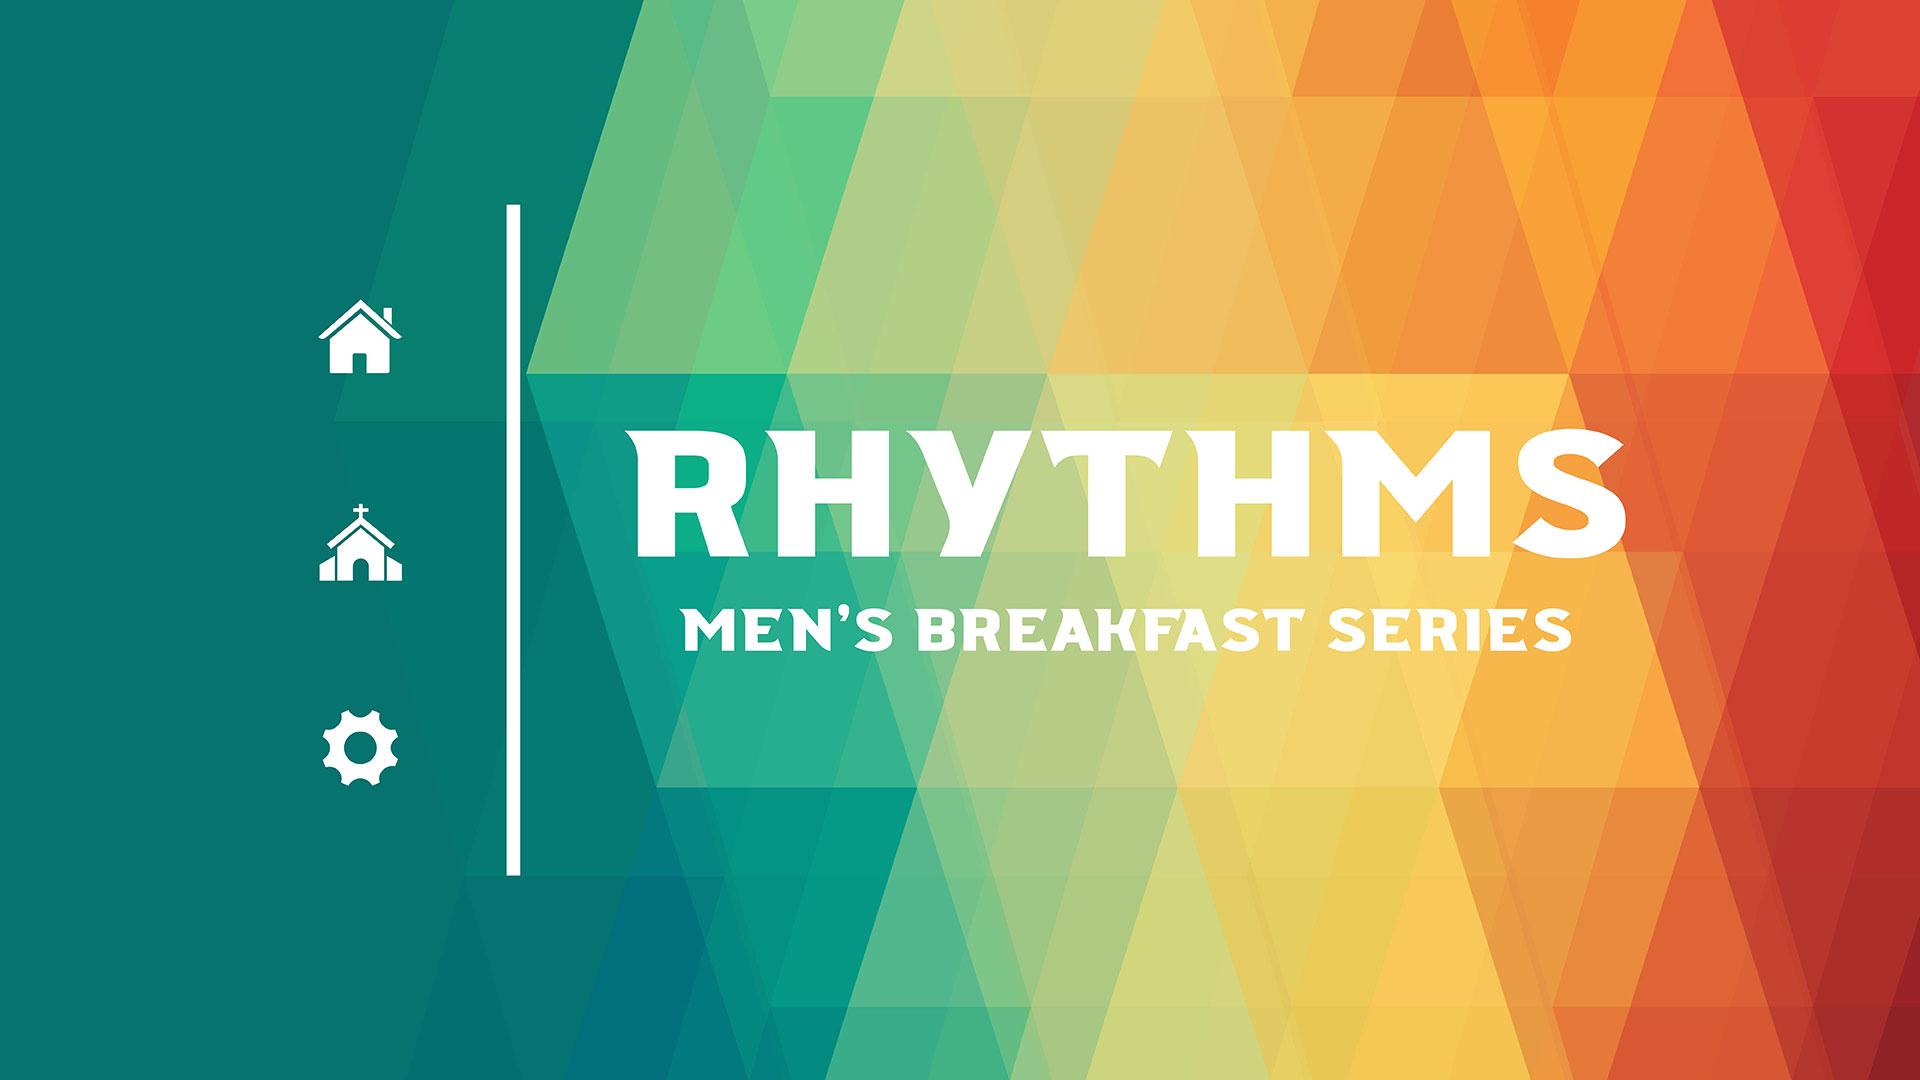 Series: Men's Breakfast Series: Rhythms